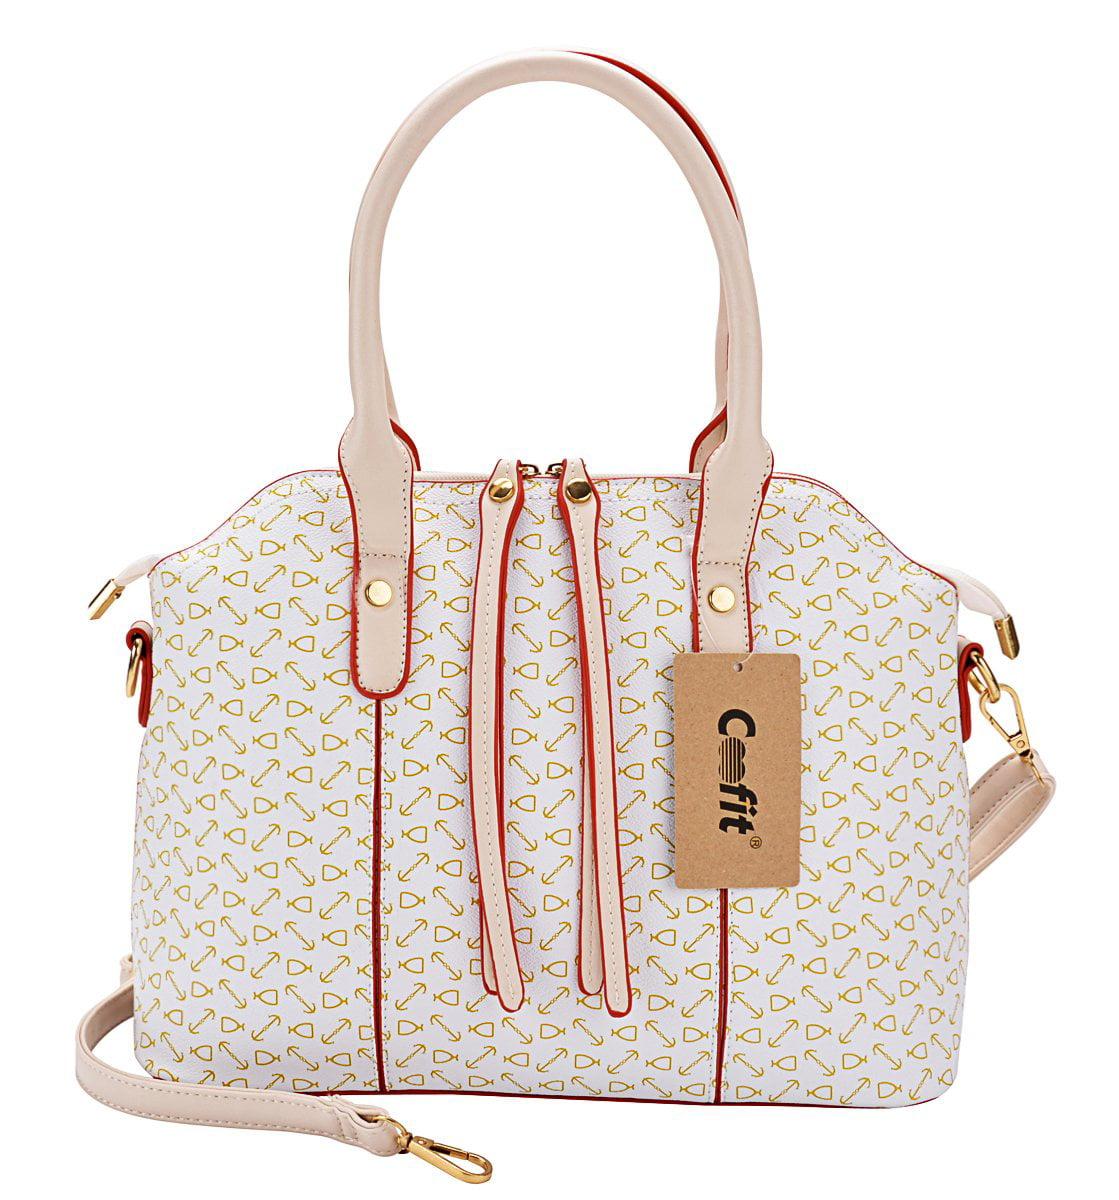 04a6e3b9e3 Coofit - Coofit 4Pcs Purses and Handbags Faux Leather Clutch Shoulder Bags  Wallets for Women - Walmart.com